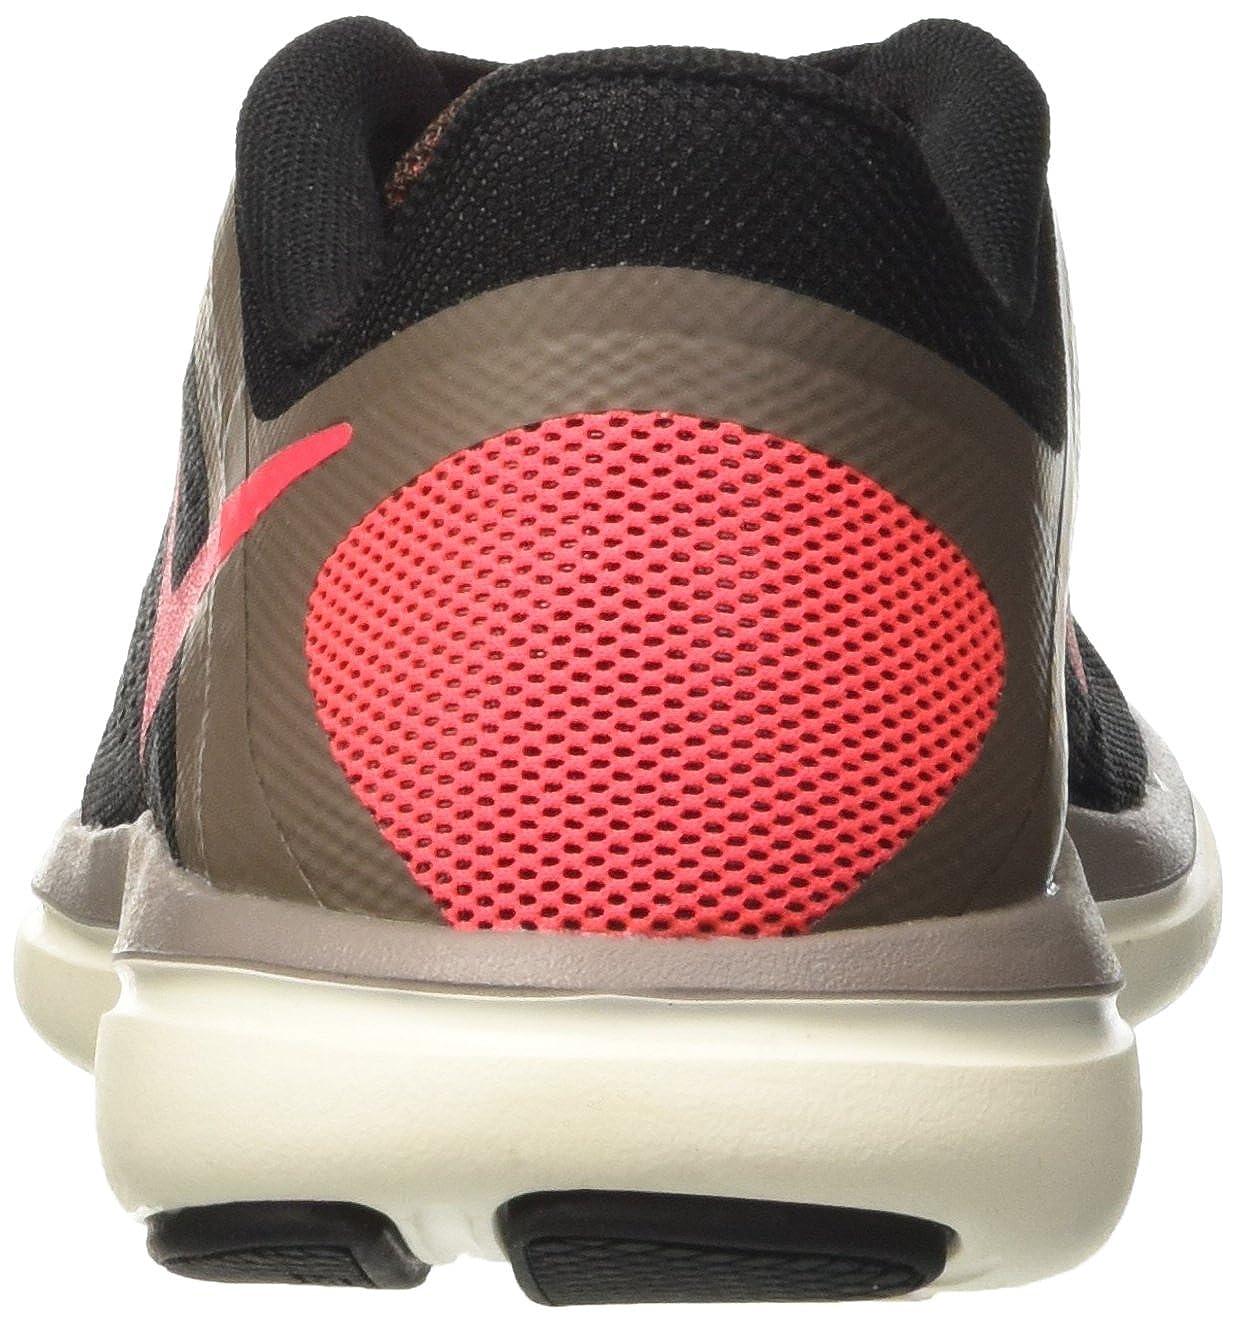 e78c2f0caac Nike Women s s WMNS Flex 2016 Rn Sneakers  Amazon.co.uk  Shoes   Bags